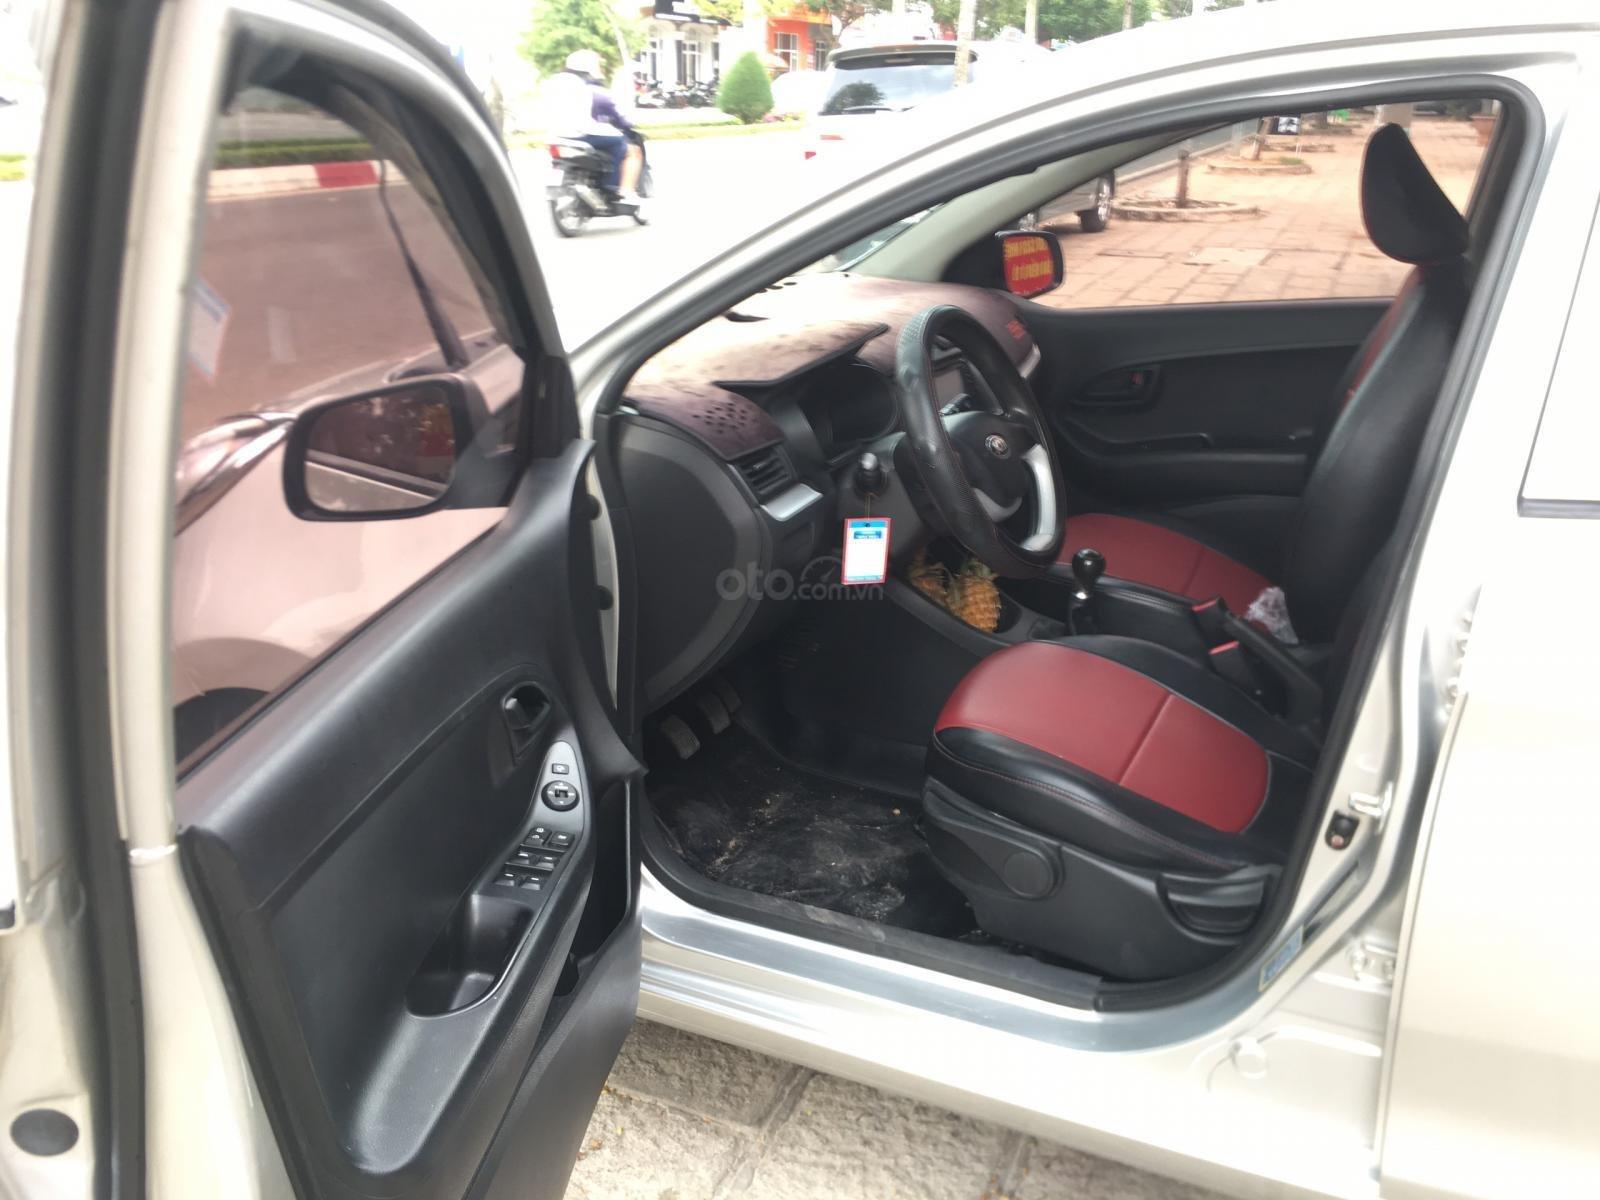 Cần bán xe Kia Morning sản xuất 2013, màu bạc, giá 245tr (2)